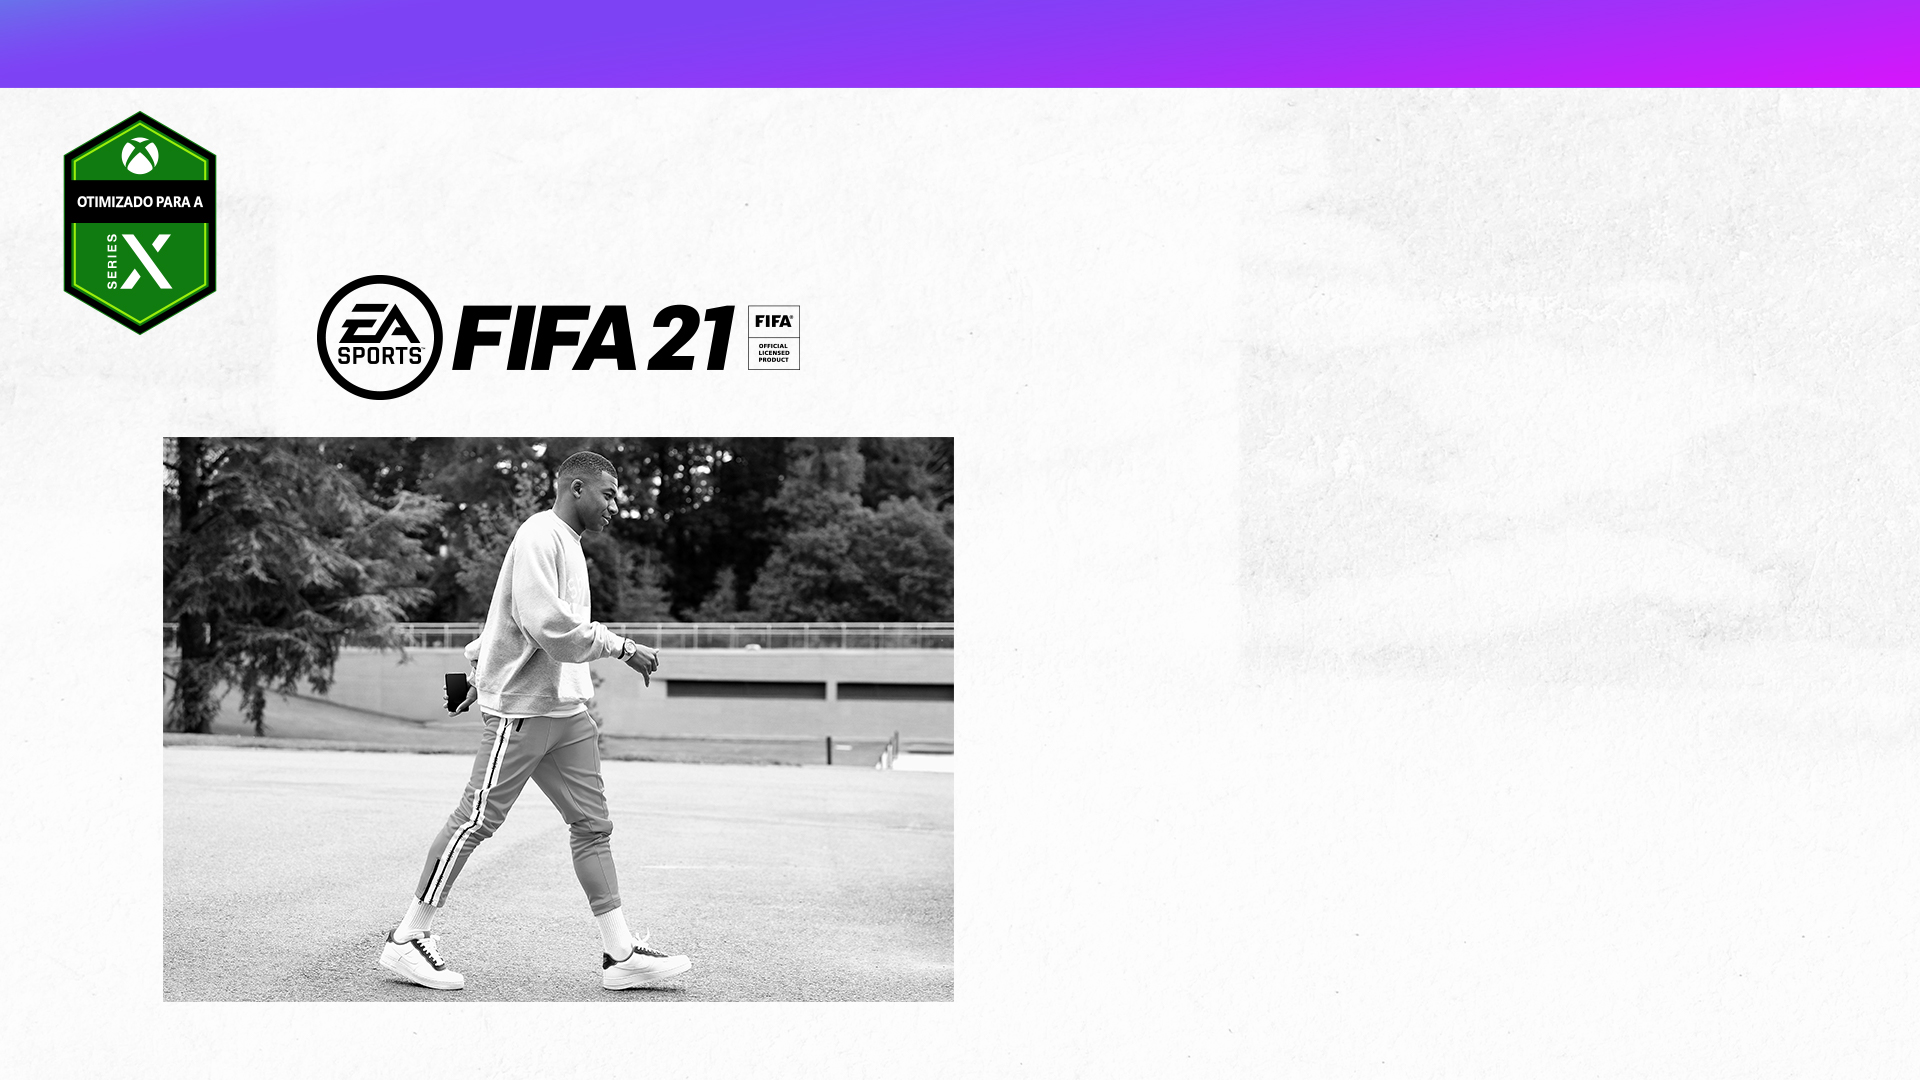 Otimizado para a Xbox Series X, logótipo da EA Sports, FIFA 21, Produto Oficial Licenciado FIFA, Kylian Mbappé a andar